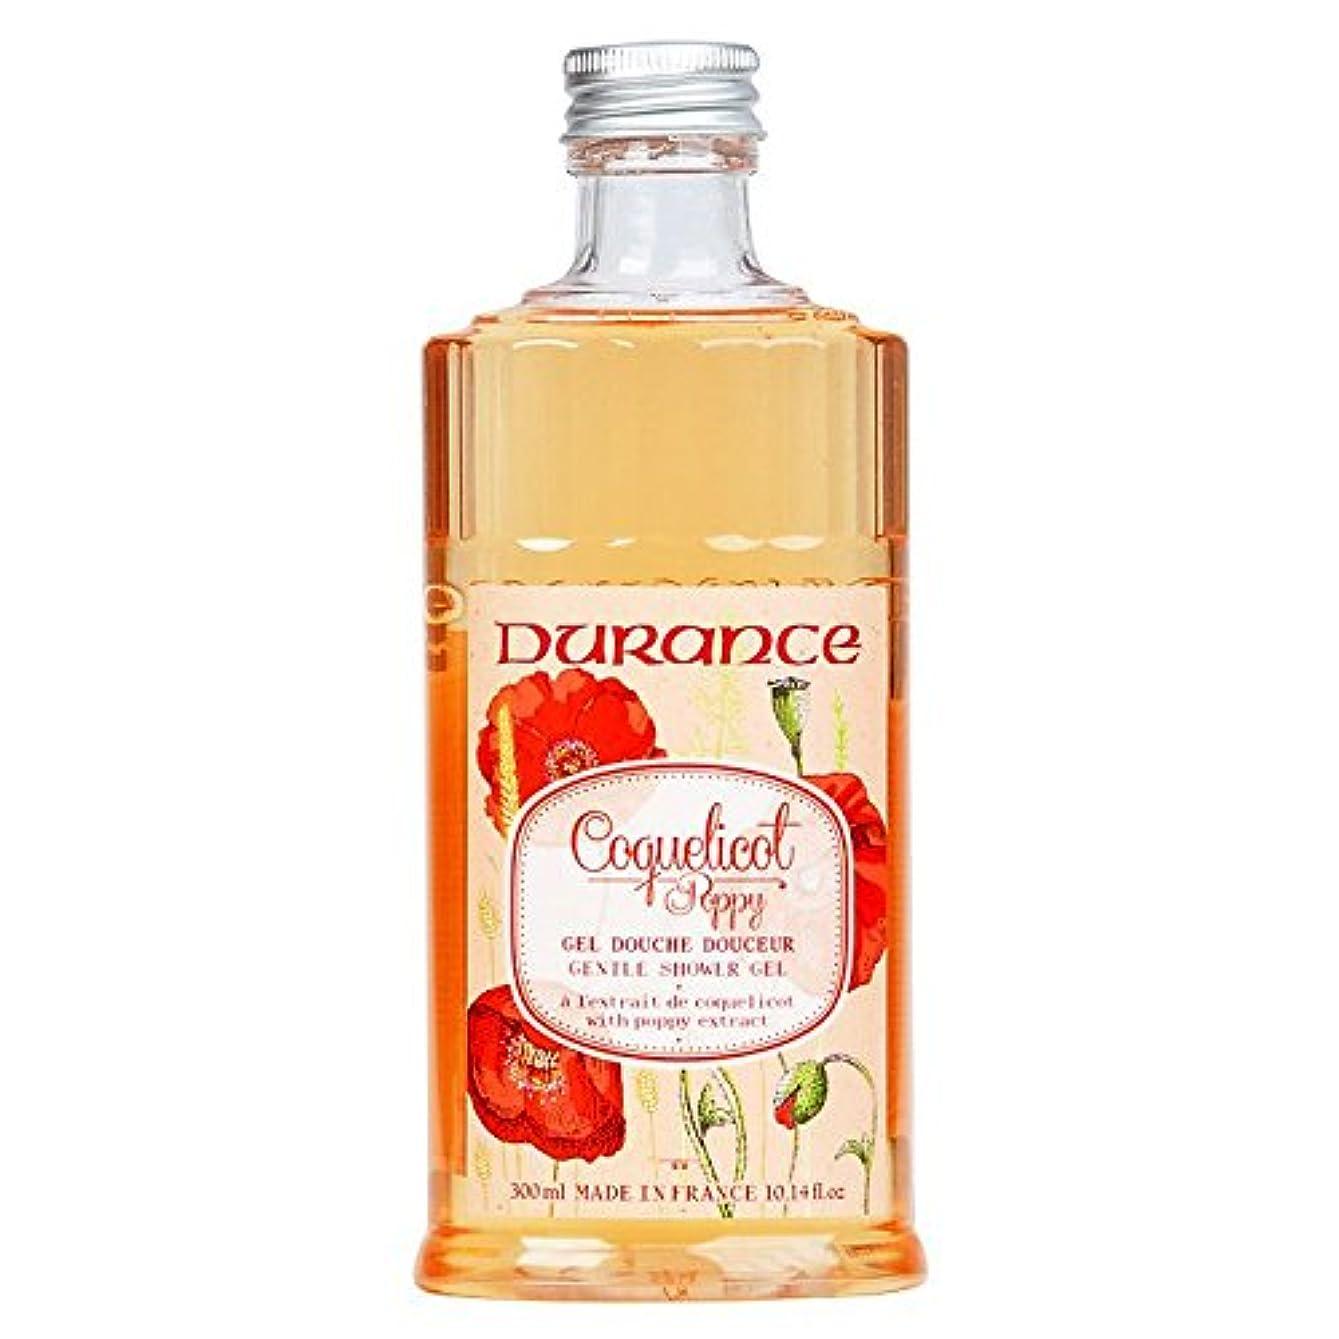 安定した銛夫デュランス 【コクリコ】 ポピー シャワージェル 300ml 天然香料 植物性 / 南仏プロヴァンス